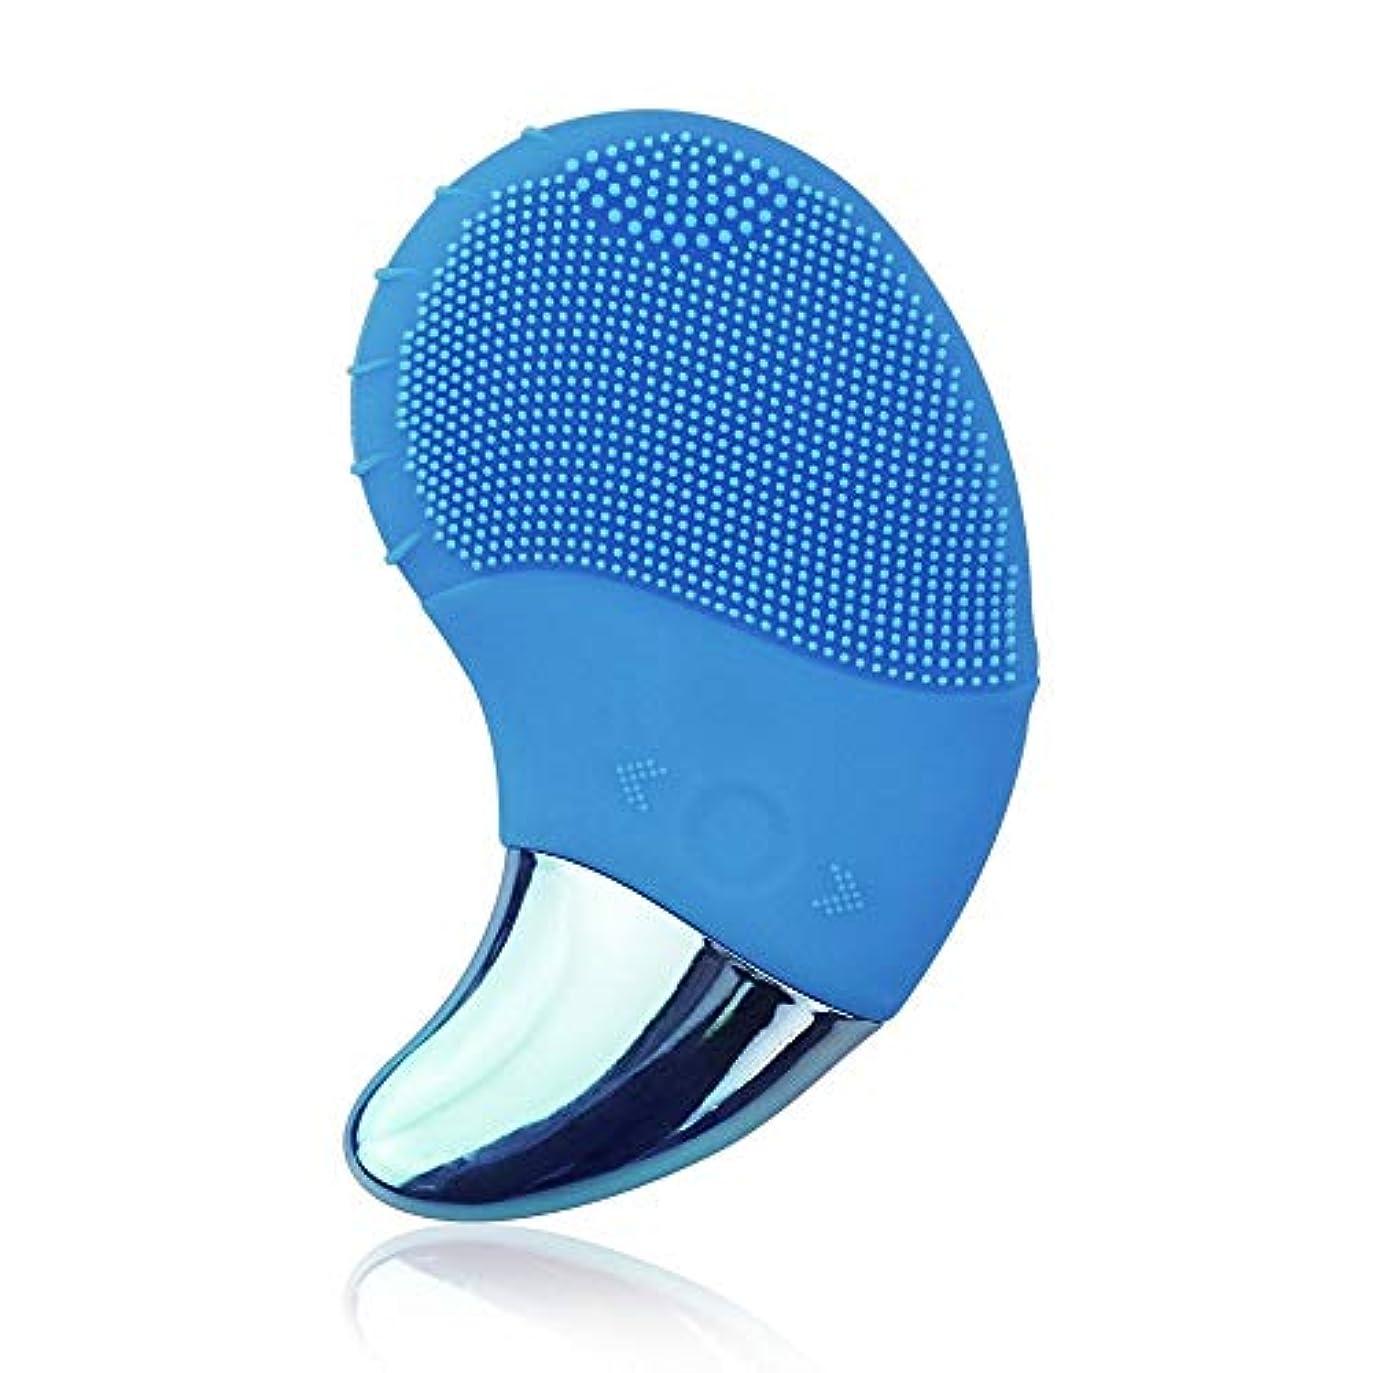 薬用賞賛する聖歌電気シリコンフェイシャルスクラバークレンジングブラシデバイス、男性用、女性用、ディープクリーニング用、すべての肌タイプ防水充電式フェイスブラシクレンザー、スマートアプリ付き(青、アップグレードバージョン)